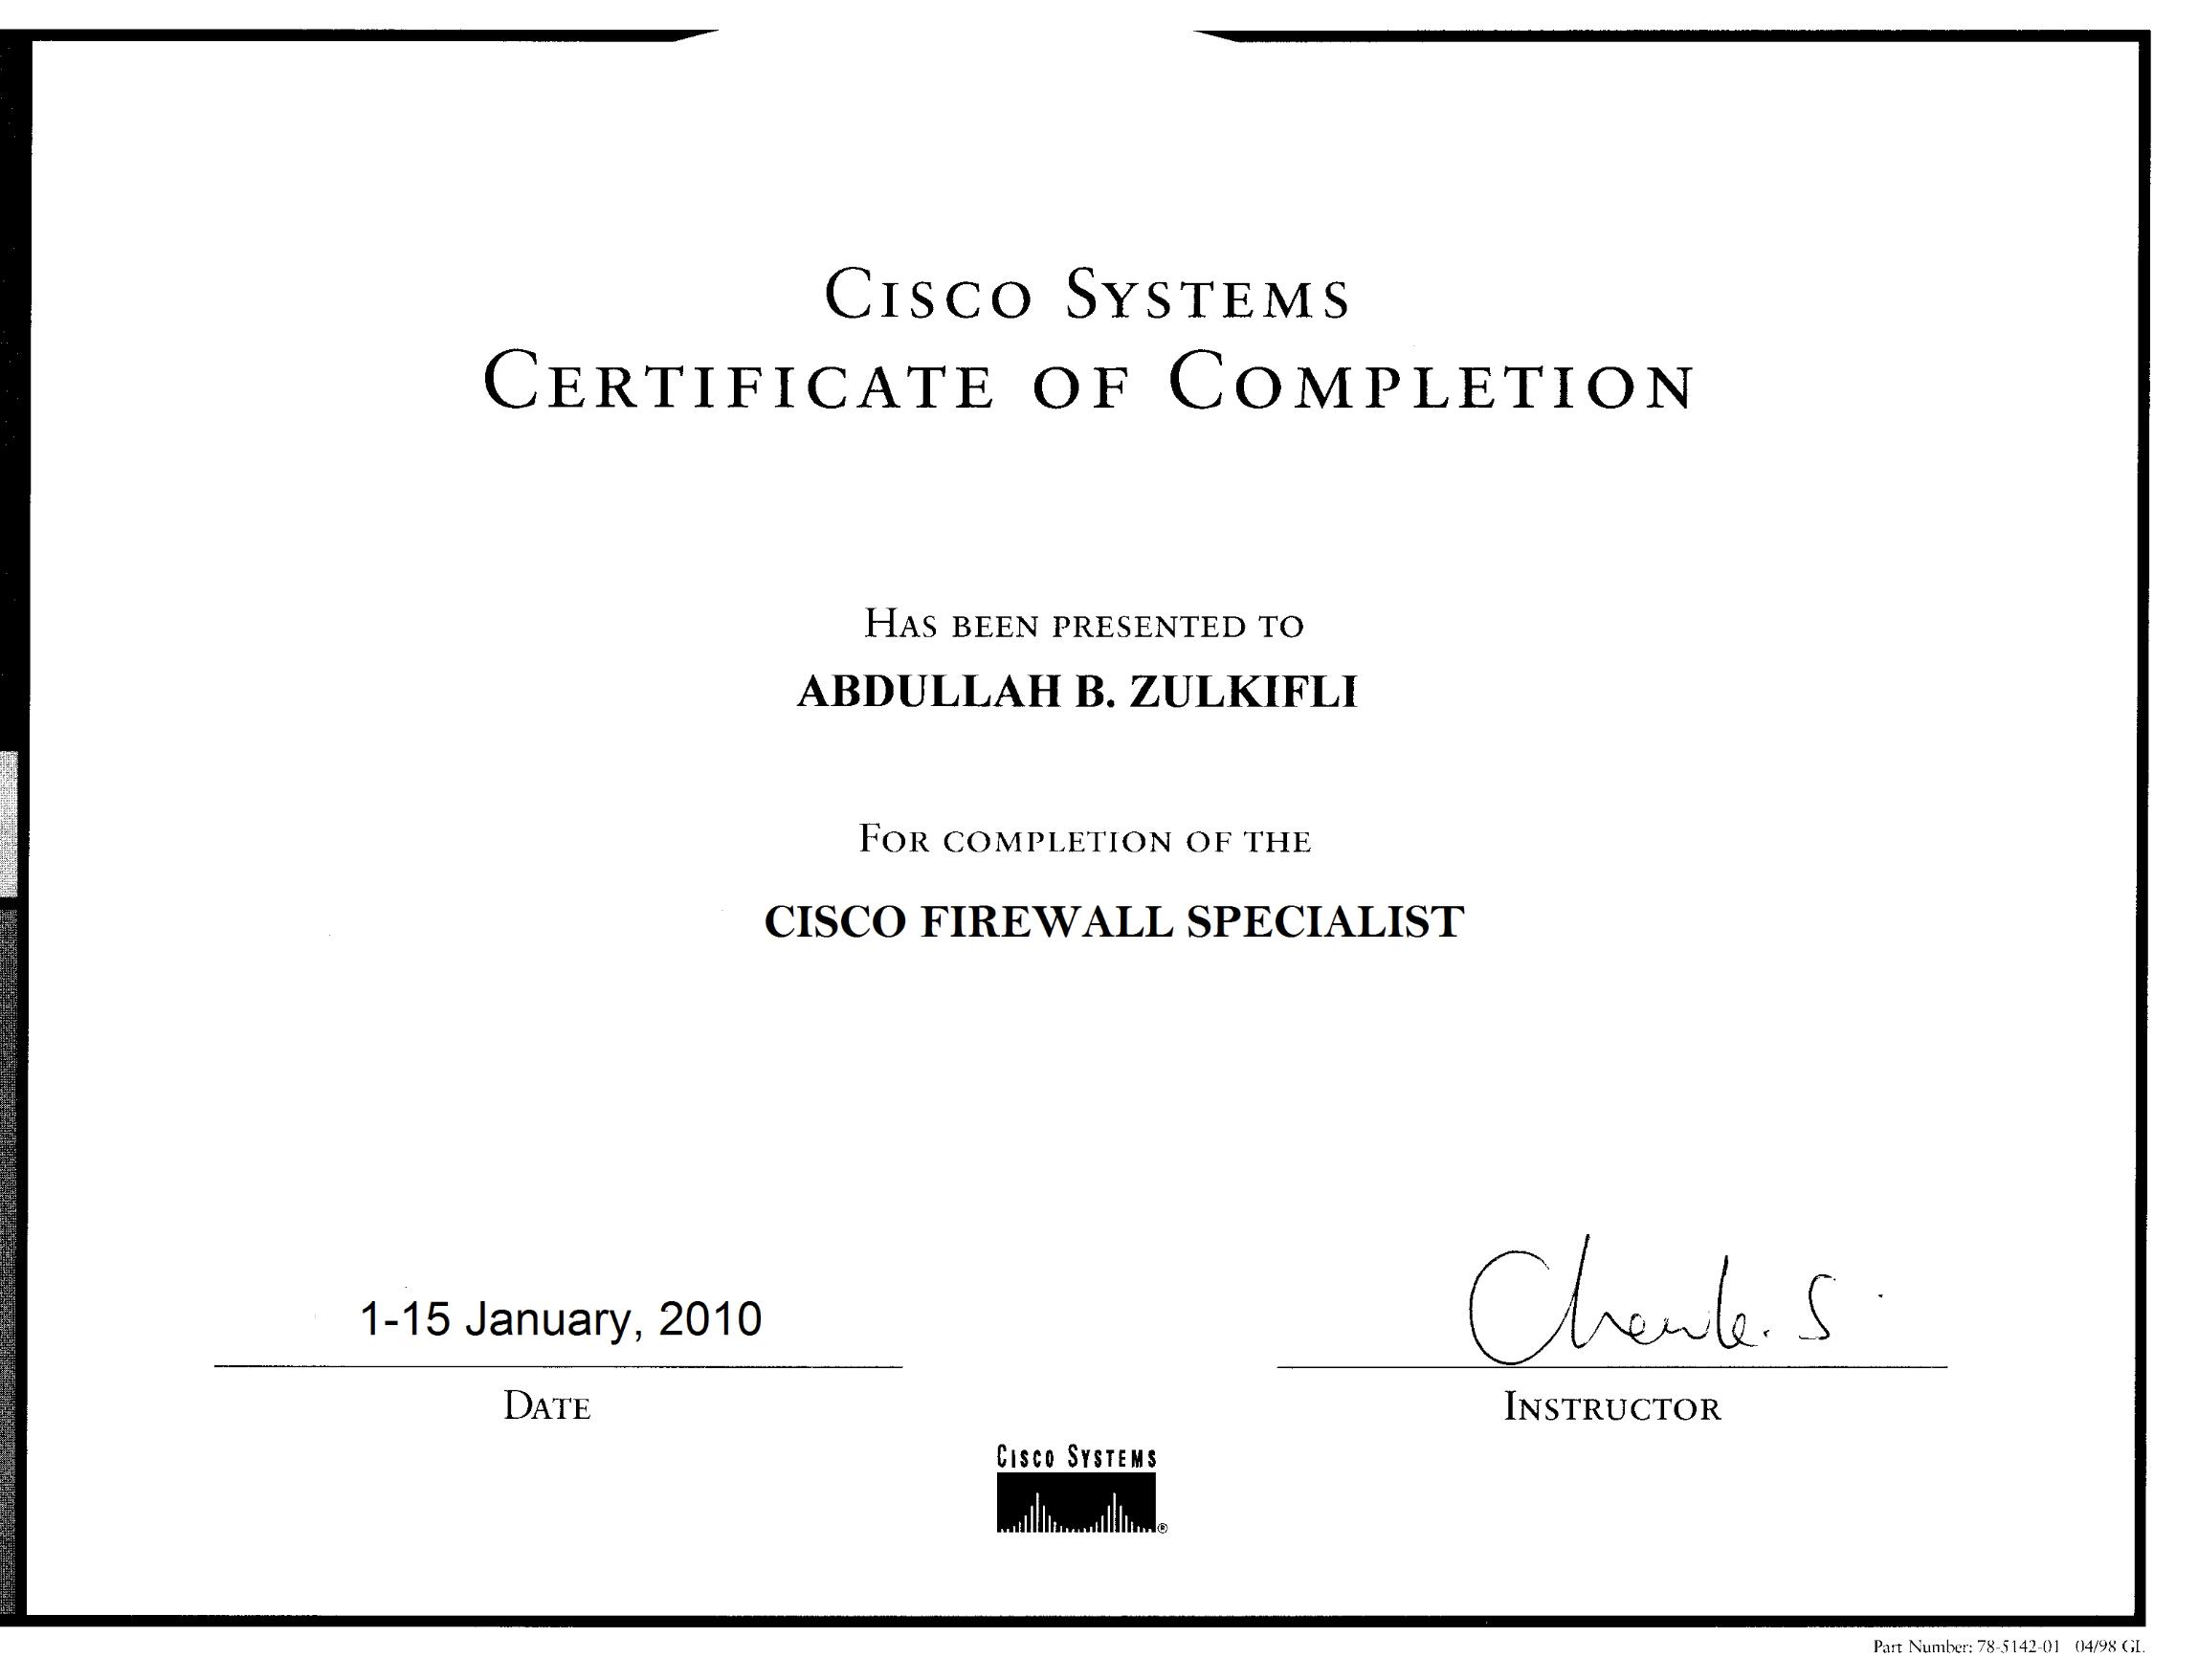 CISCO Firewall Specialist